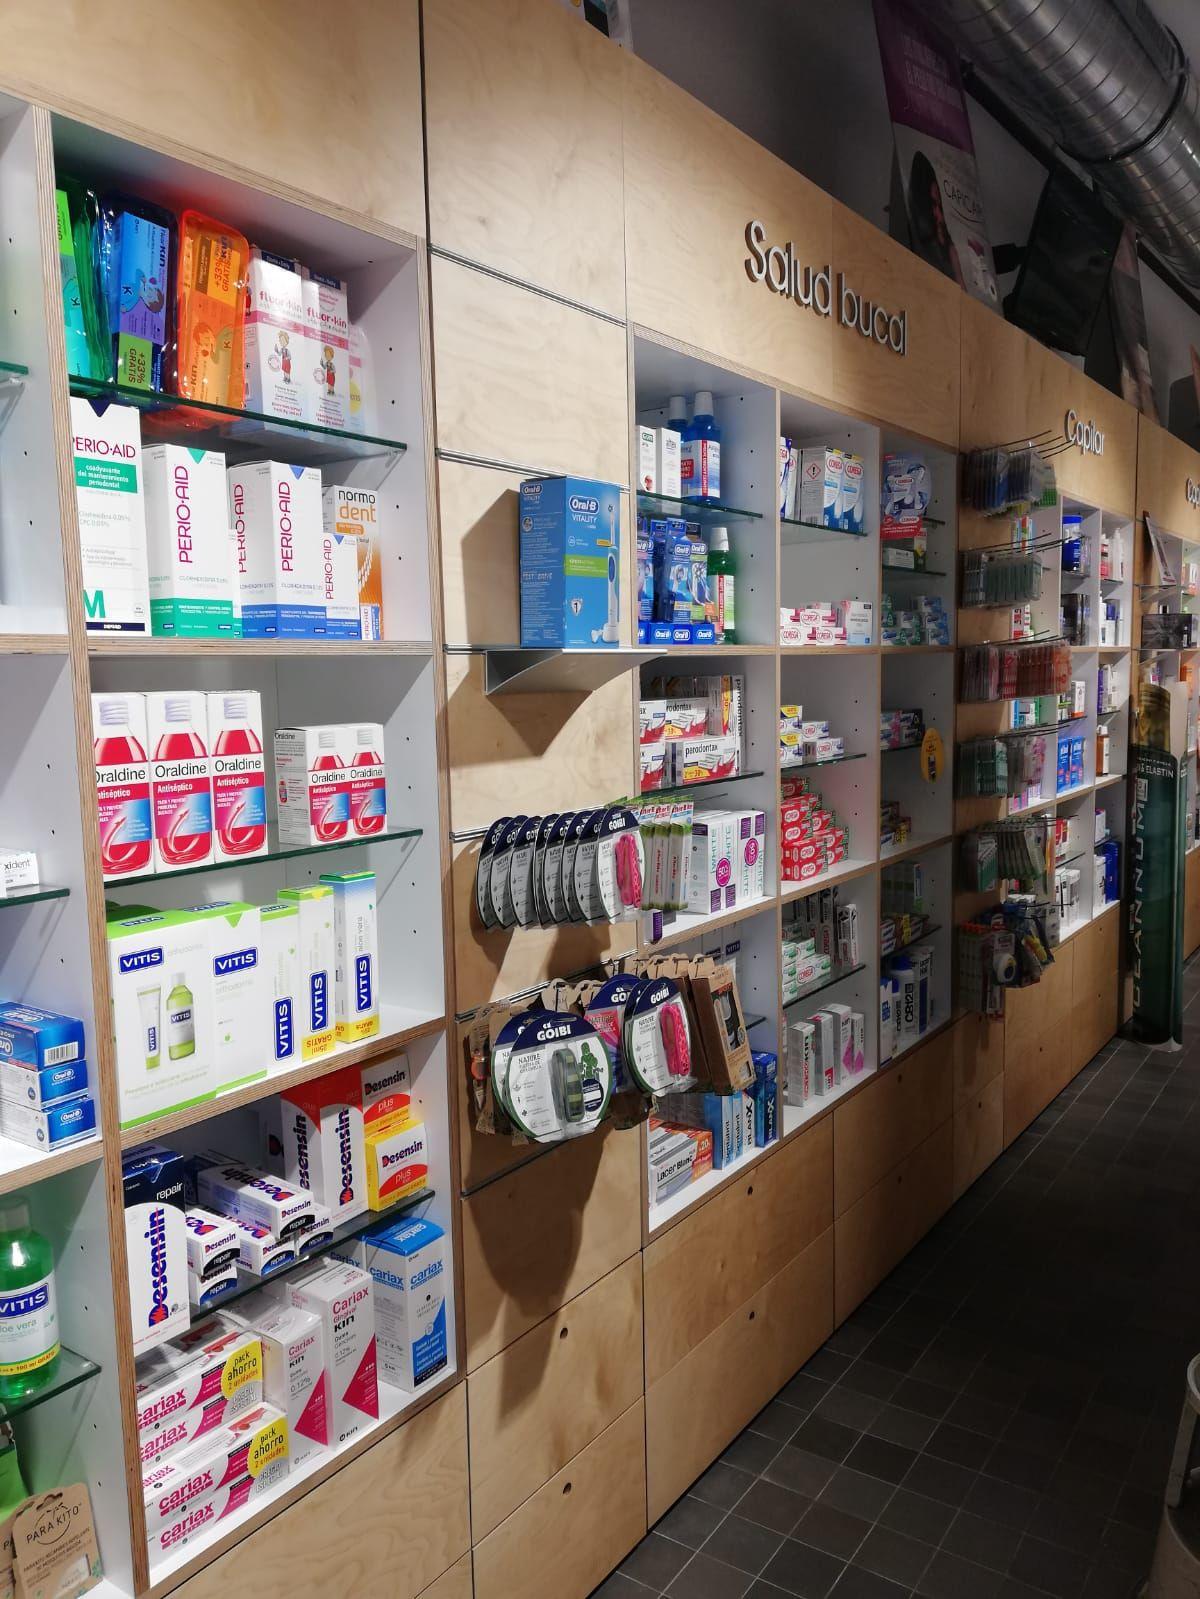 Farmacia con productos de salud bucal en Barakaldo